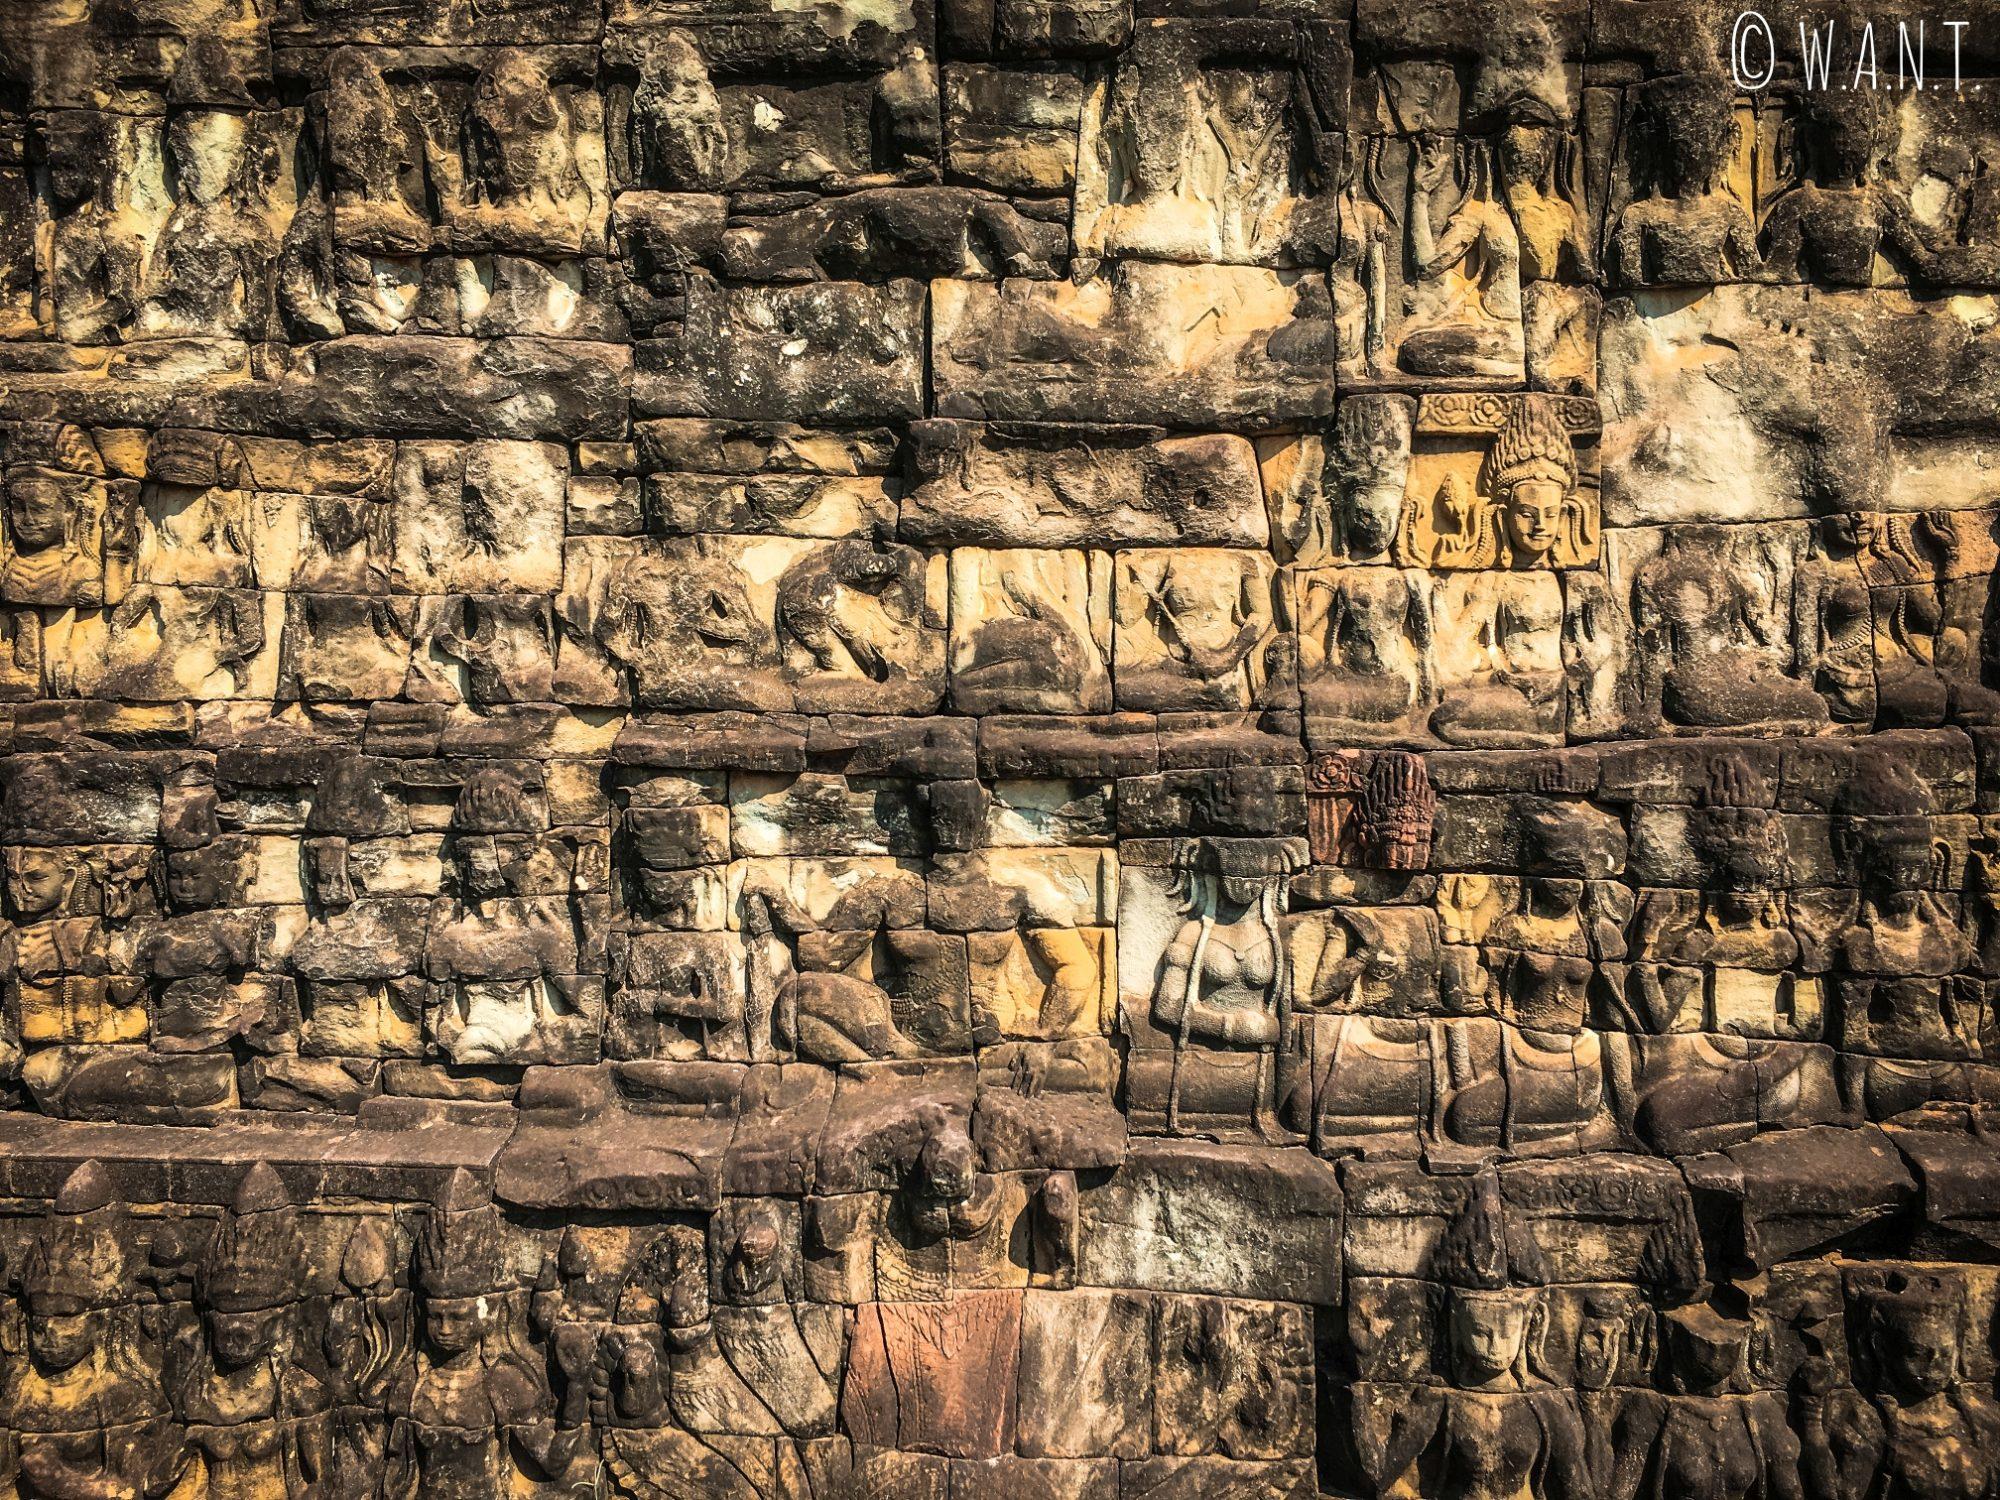 Pierres sculptées dans l'enceinte d'Angkor Thom